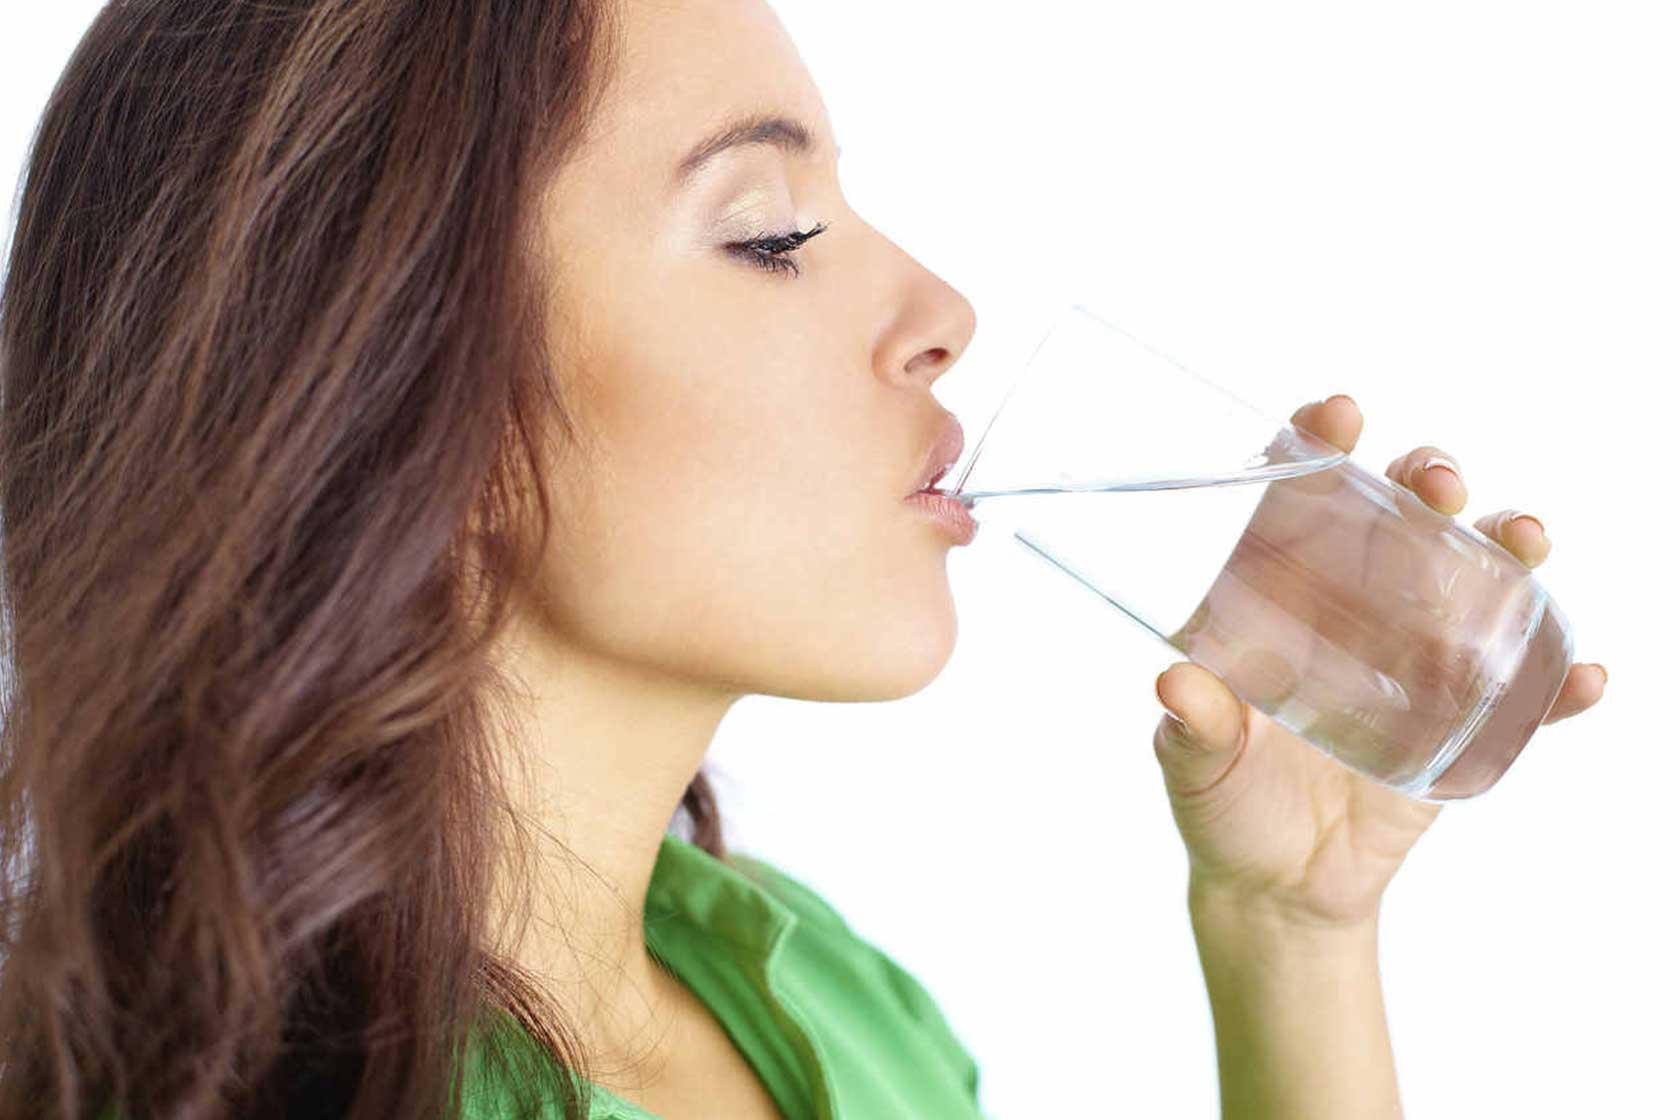 juo vettä, se on vastustuskykyä vahvistavaa